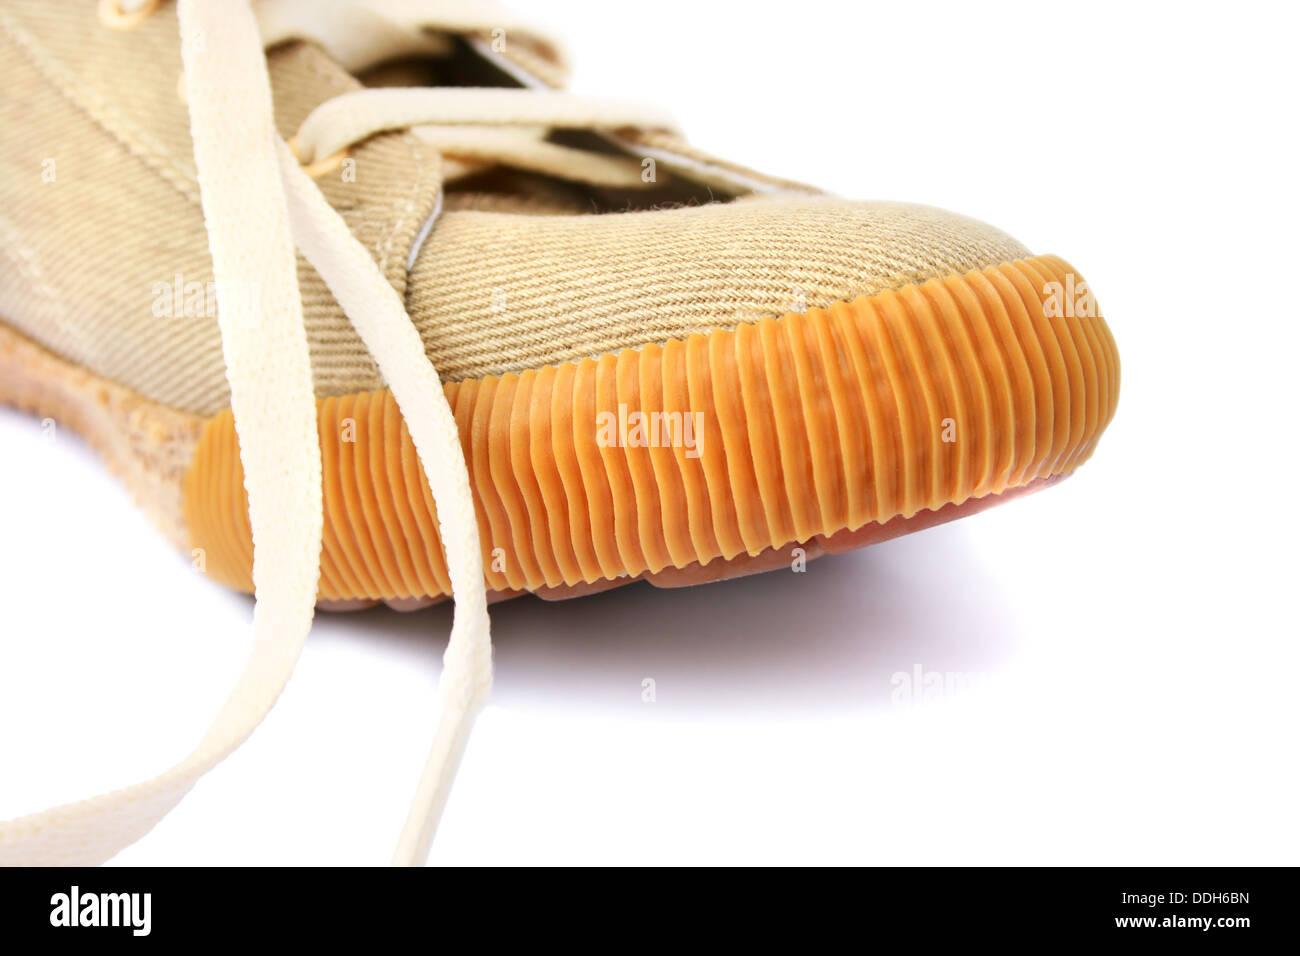 Shoe isolated on white background. - Stock Image